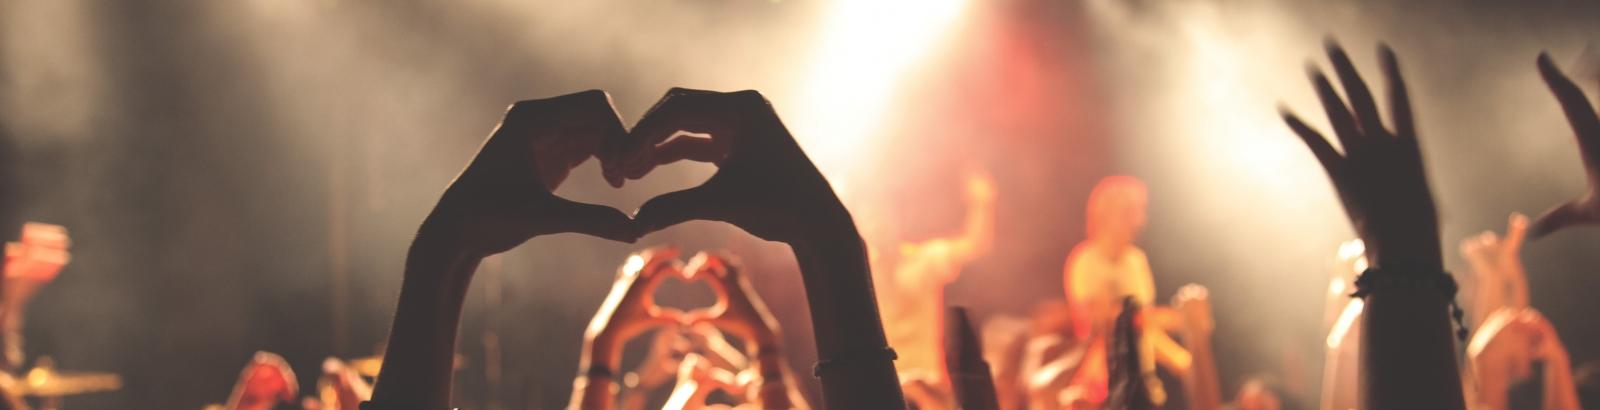 Mains formant un cœur à un concert